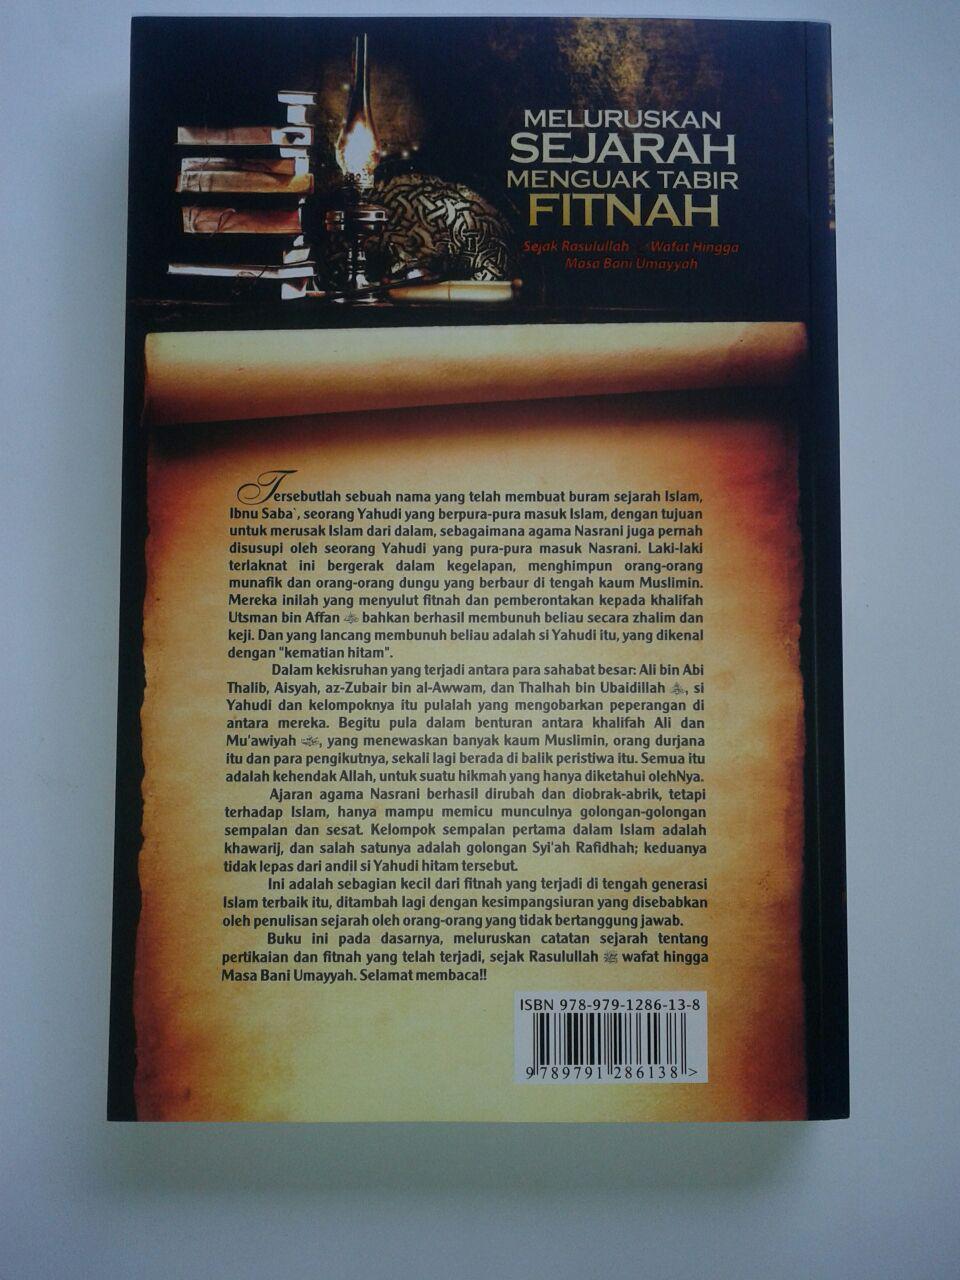 Buku Meluruskan Sejarah Menguak Tabir Fitnah cover